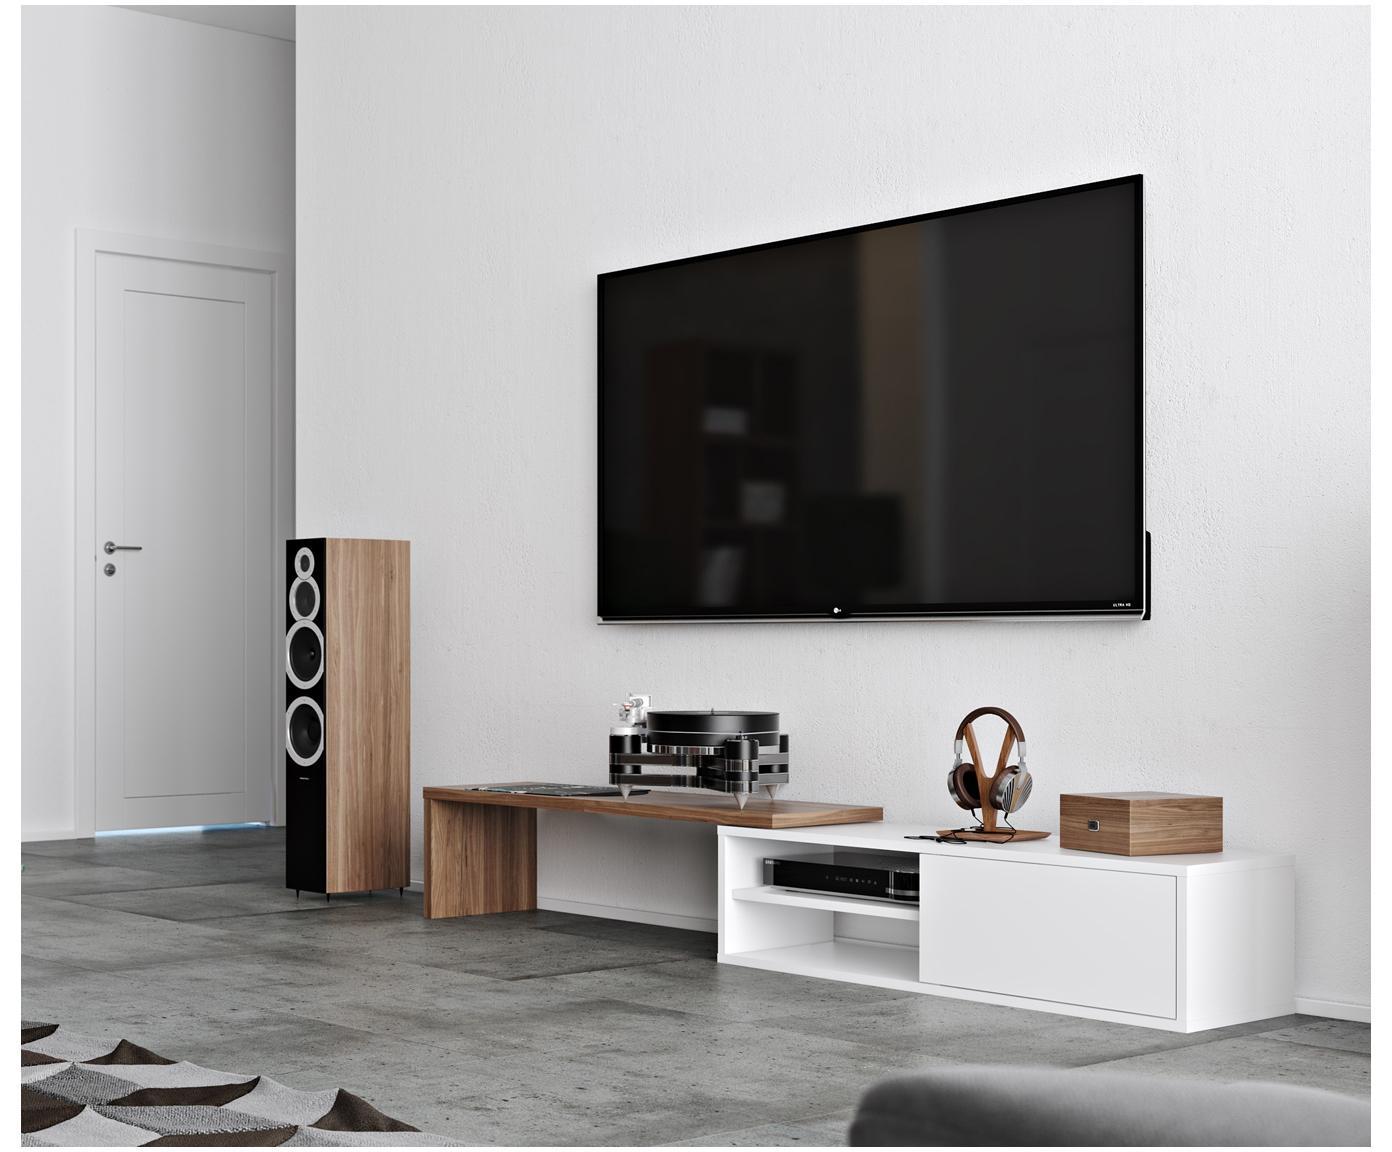 Tv-meubel Lieke met schuifdeur, Walnoothoutkleurig, wit, 110 x 32 cm